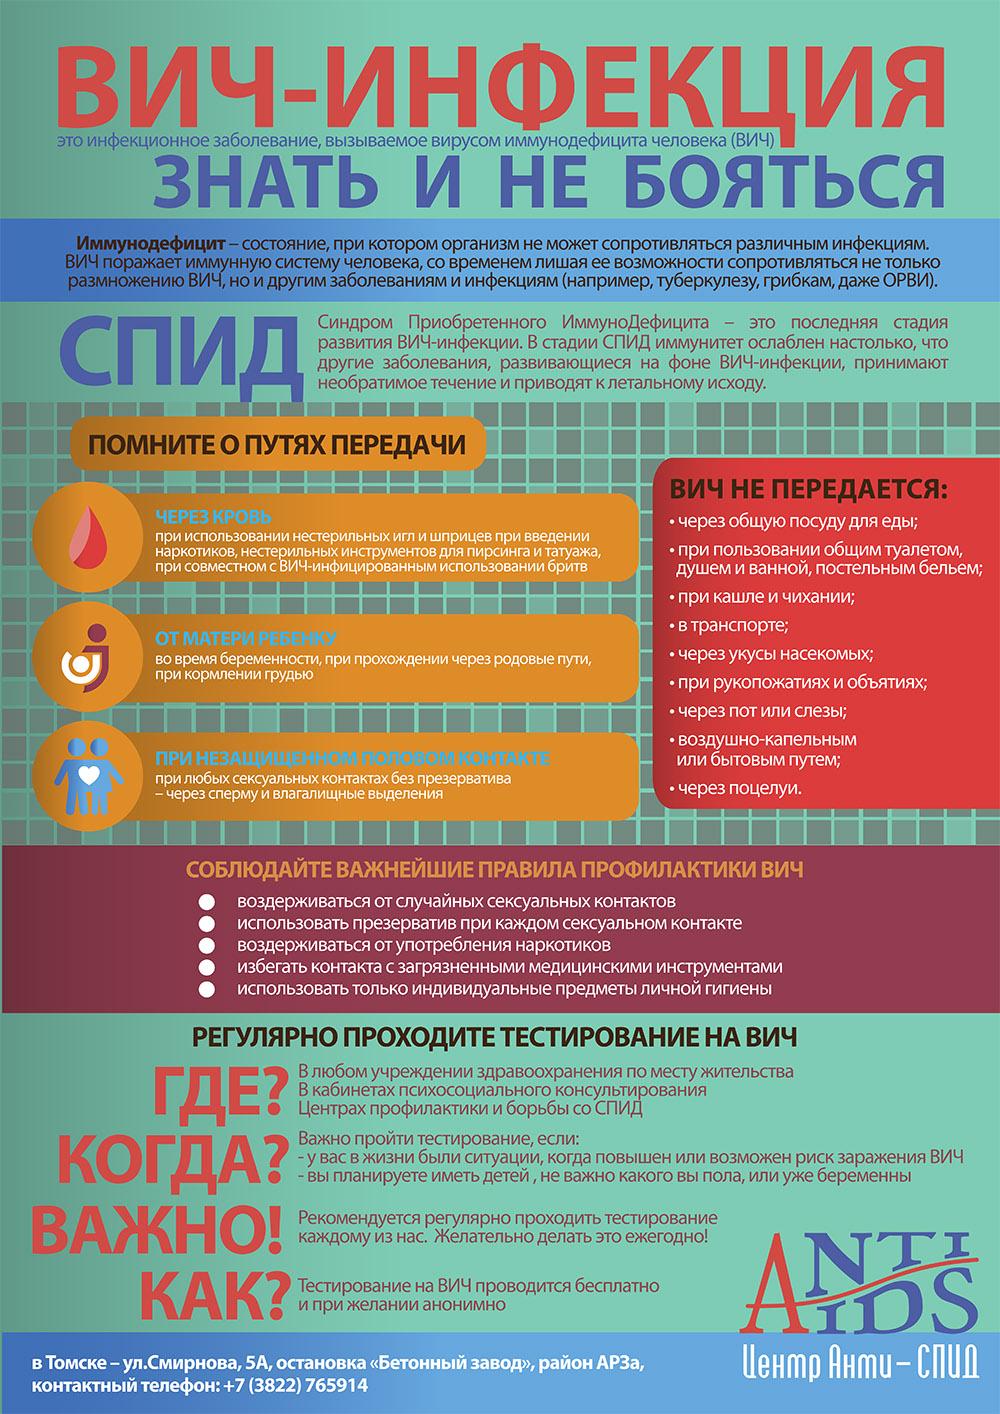 Профилактический плакат по противодействию распространения ВИЧ-инфекции.